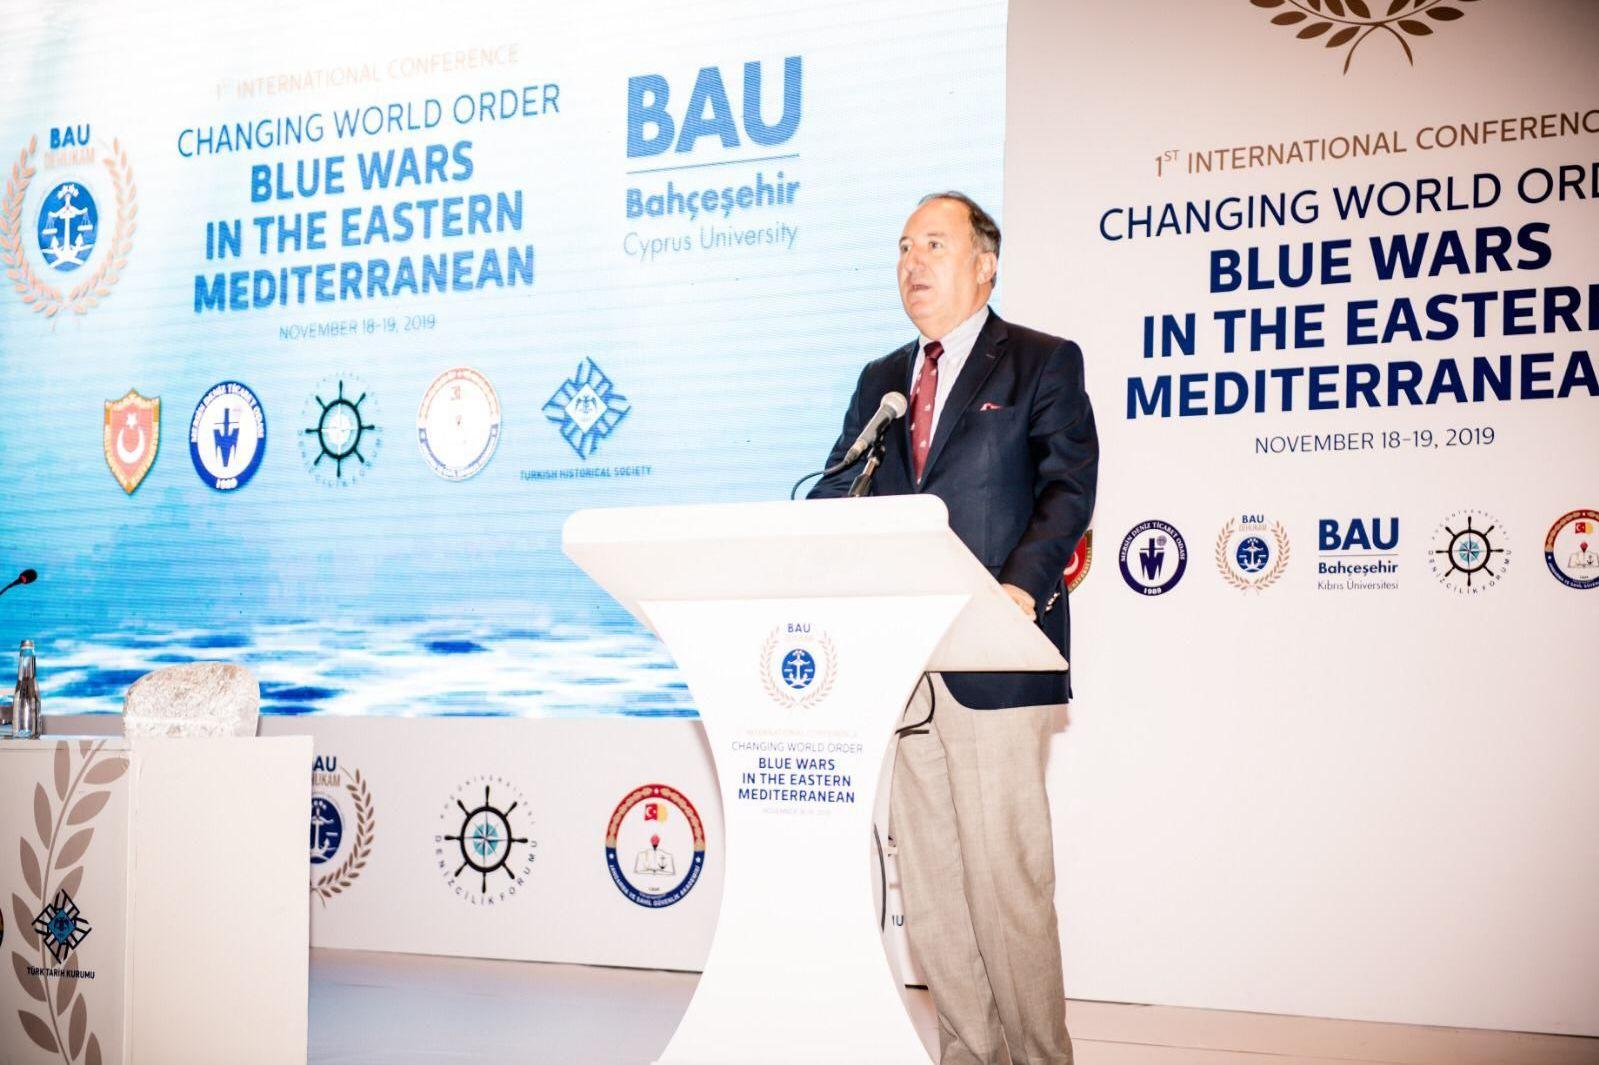 Koç Üniversitesi Denizcilik Forumu (KÜDENFOR) Direktörü Emekli Amiral Cem Gürdeniz Asya Çağı'nın başlamasıyla birlikte Türkiye ve Kuzey Kıbrıs kilit önem kazandı dedi.